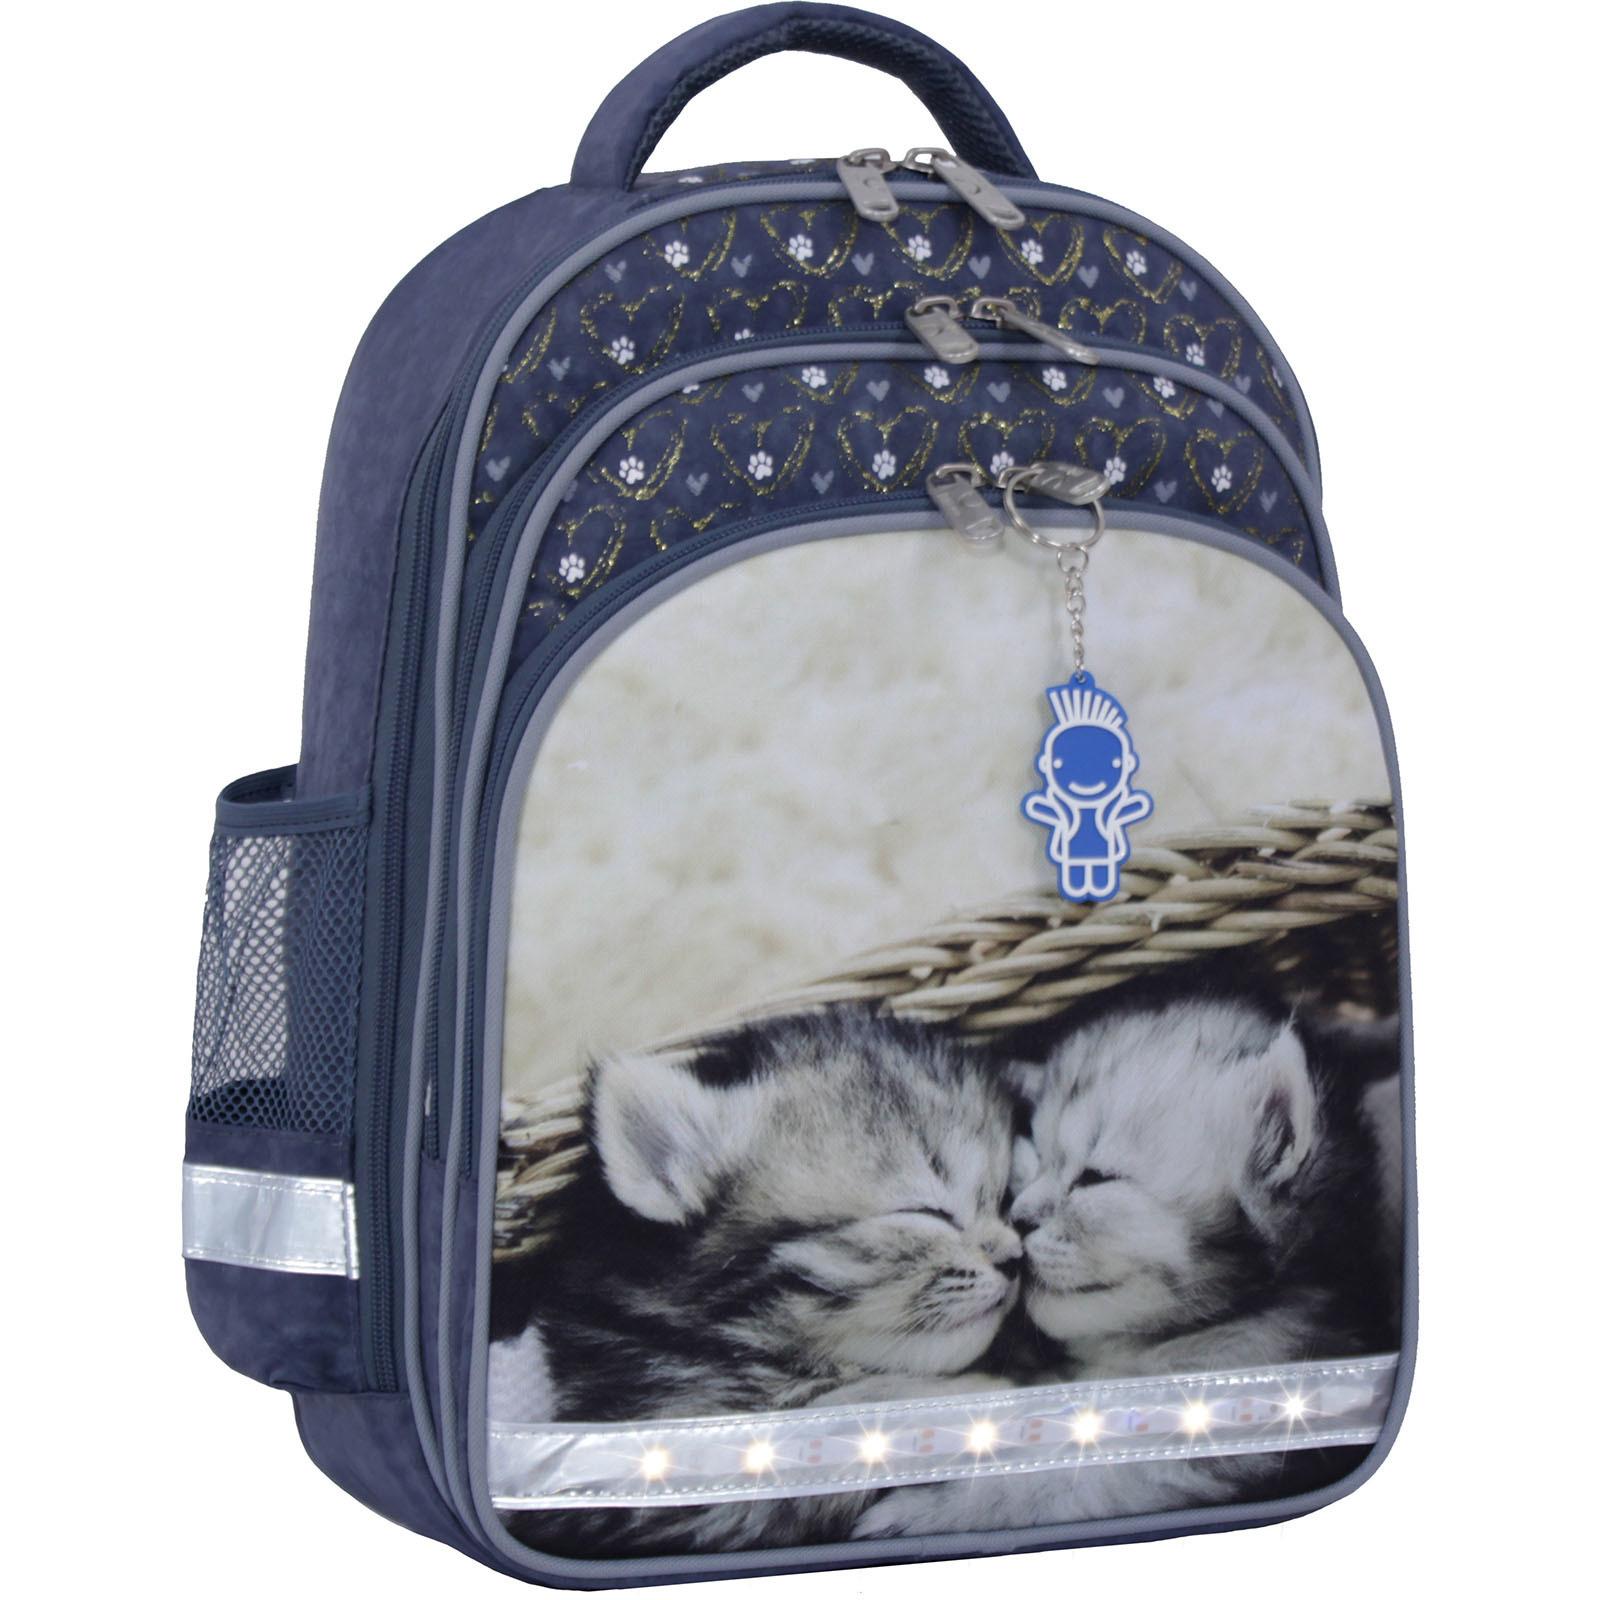 Для детей Рюкзак школьный Bagland Mouse 321 серый 165 (00513702) IMG_1572.JPG